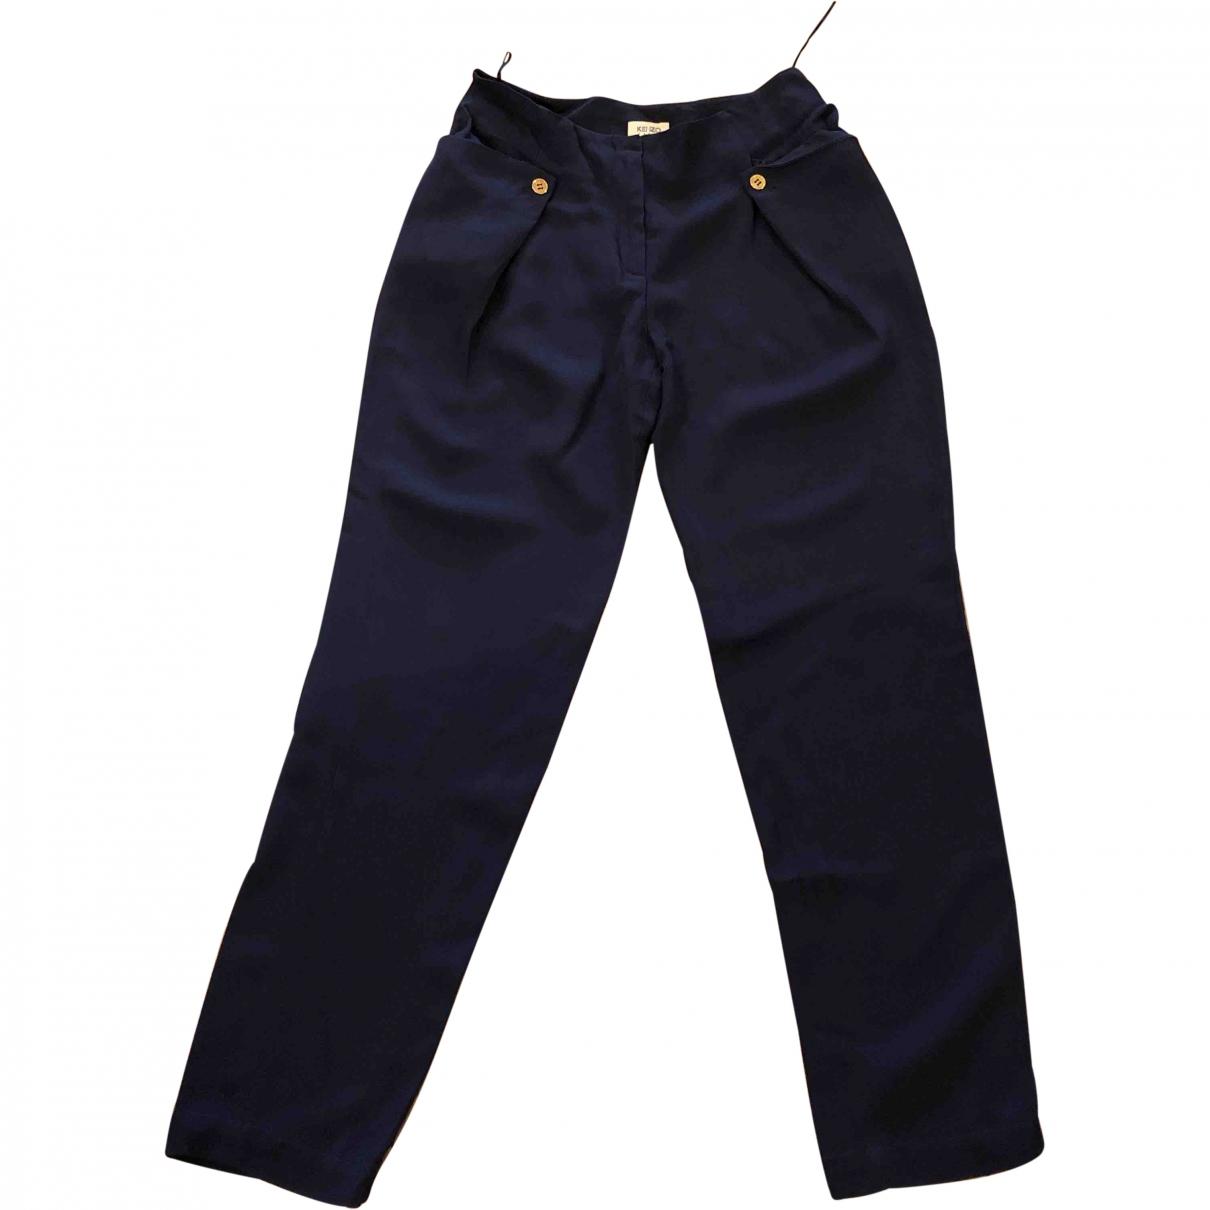 Kenzo \N Blue Trousers for Women 36 FR